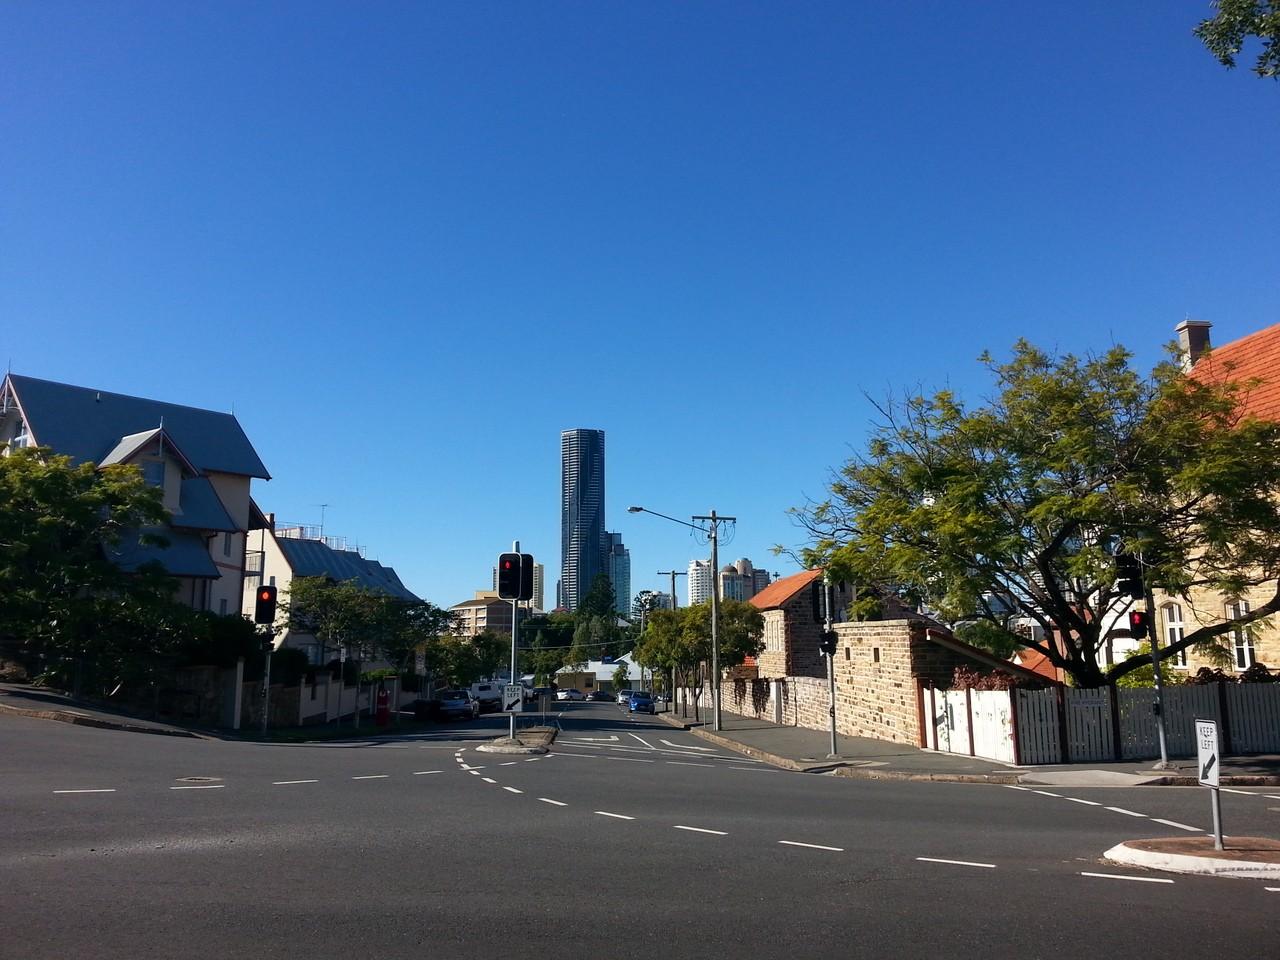 Spring dates in Brisbane